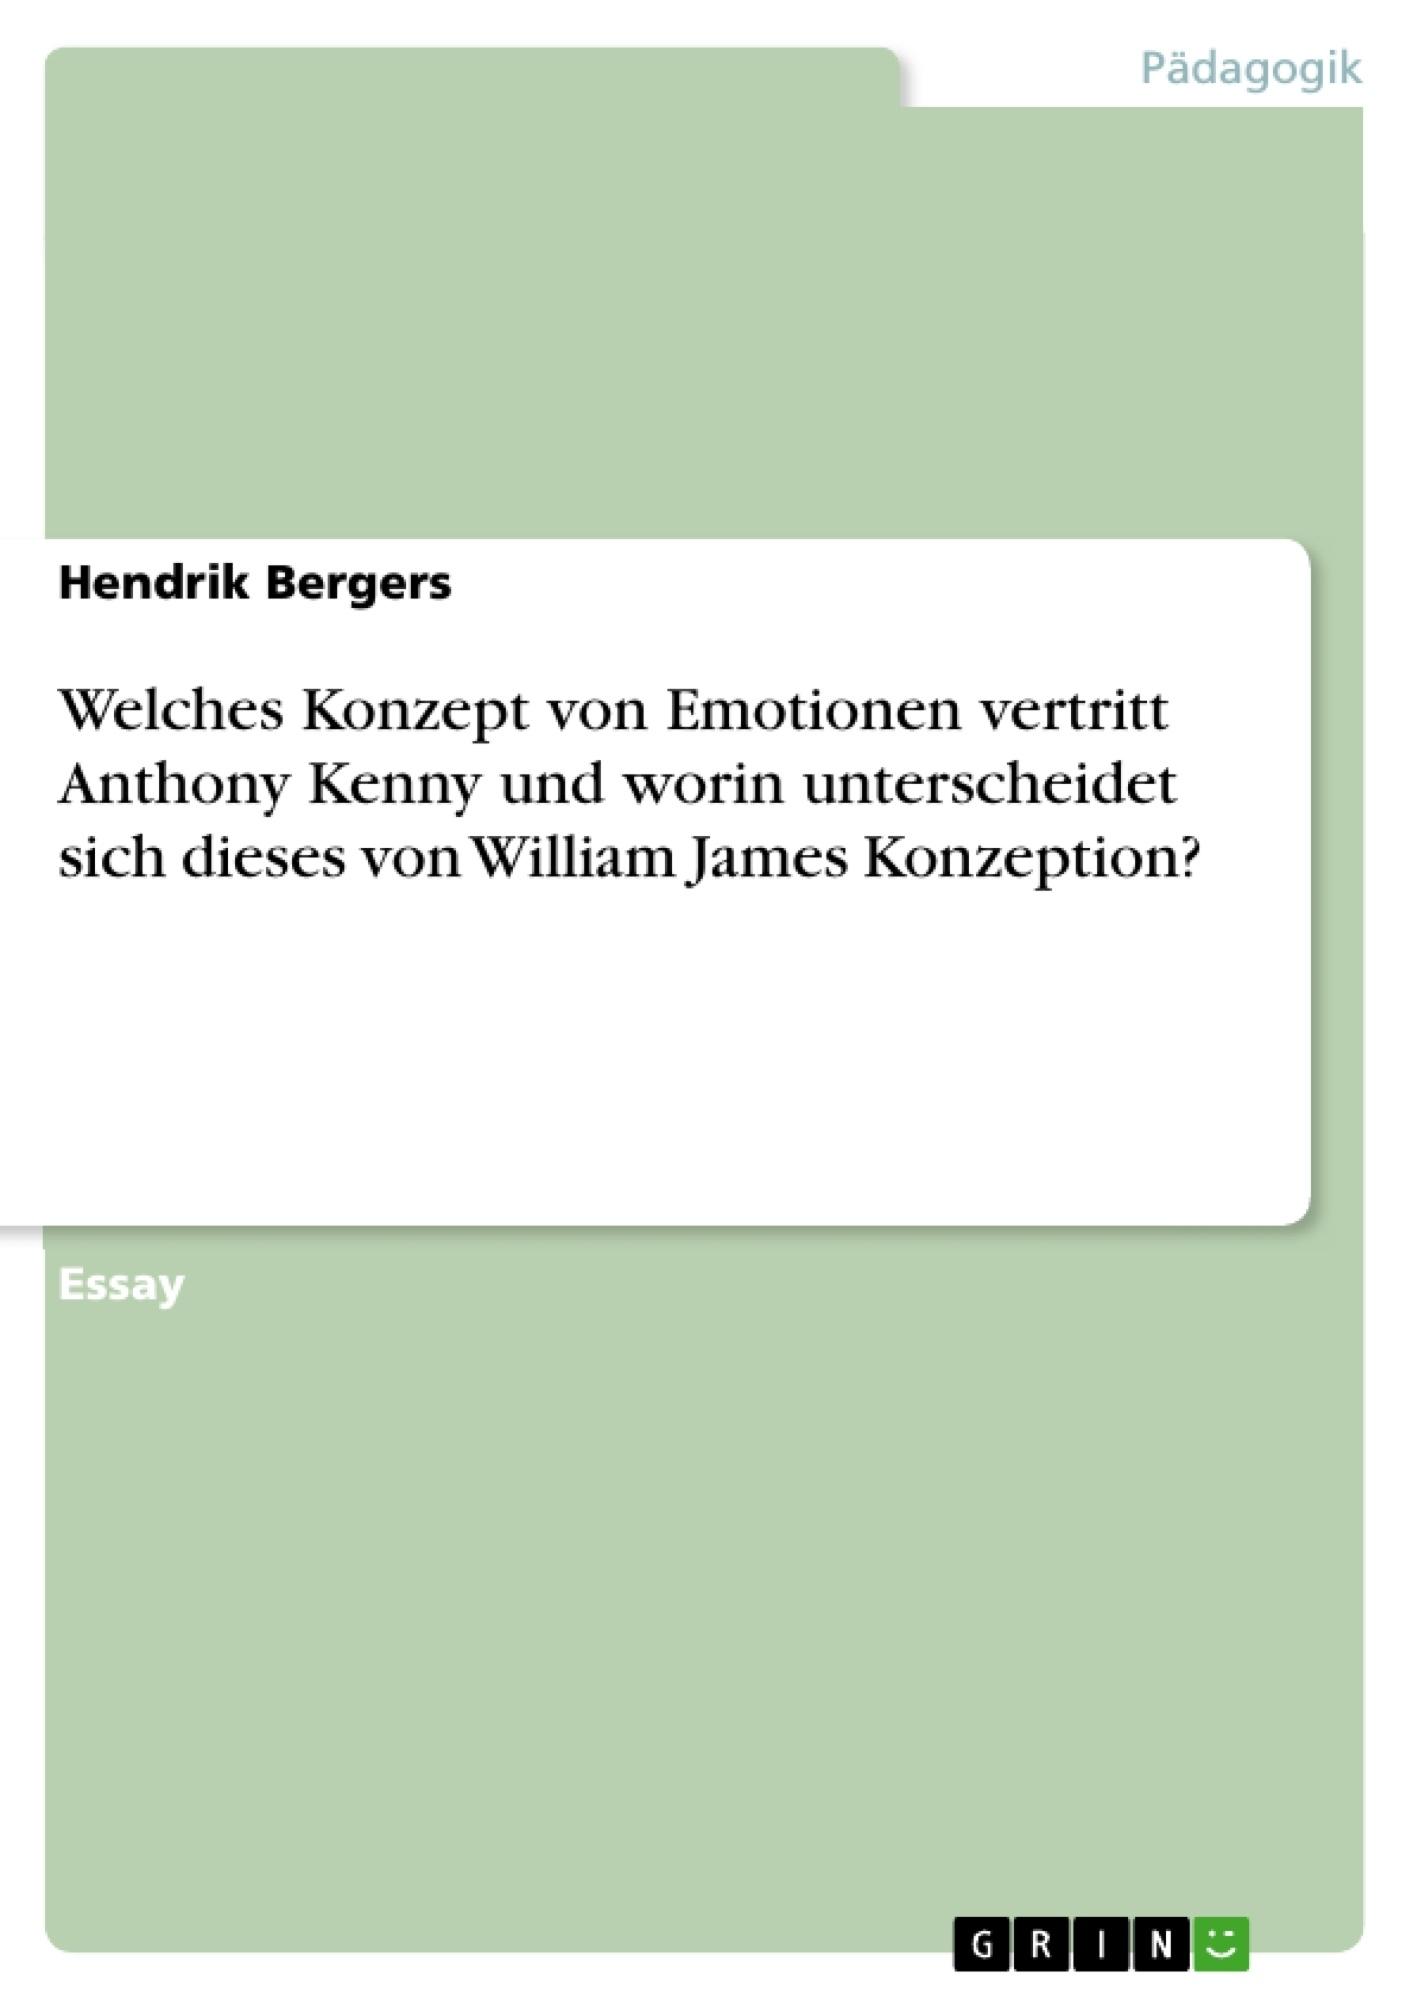 Titel: Welches Konzept von Emotionen vertritt Anthony Kenny und worin unterscheidet sich dieses von William James Konzeption?